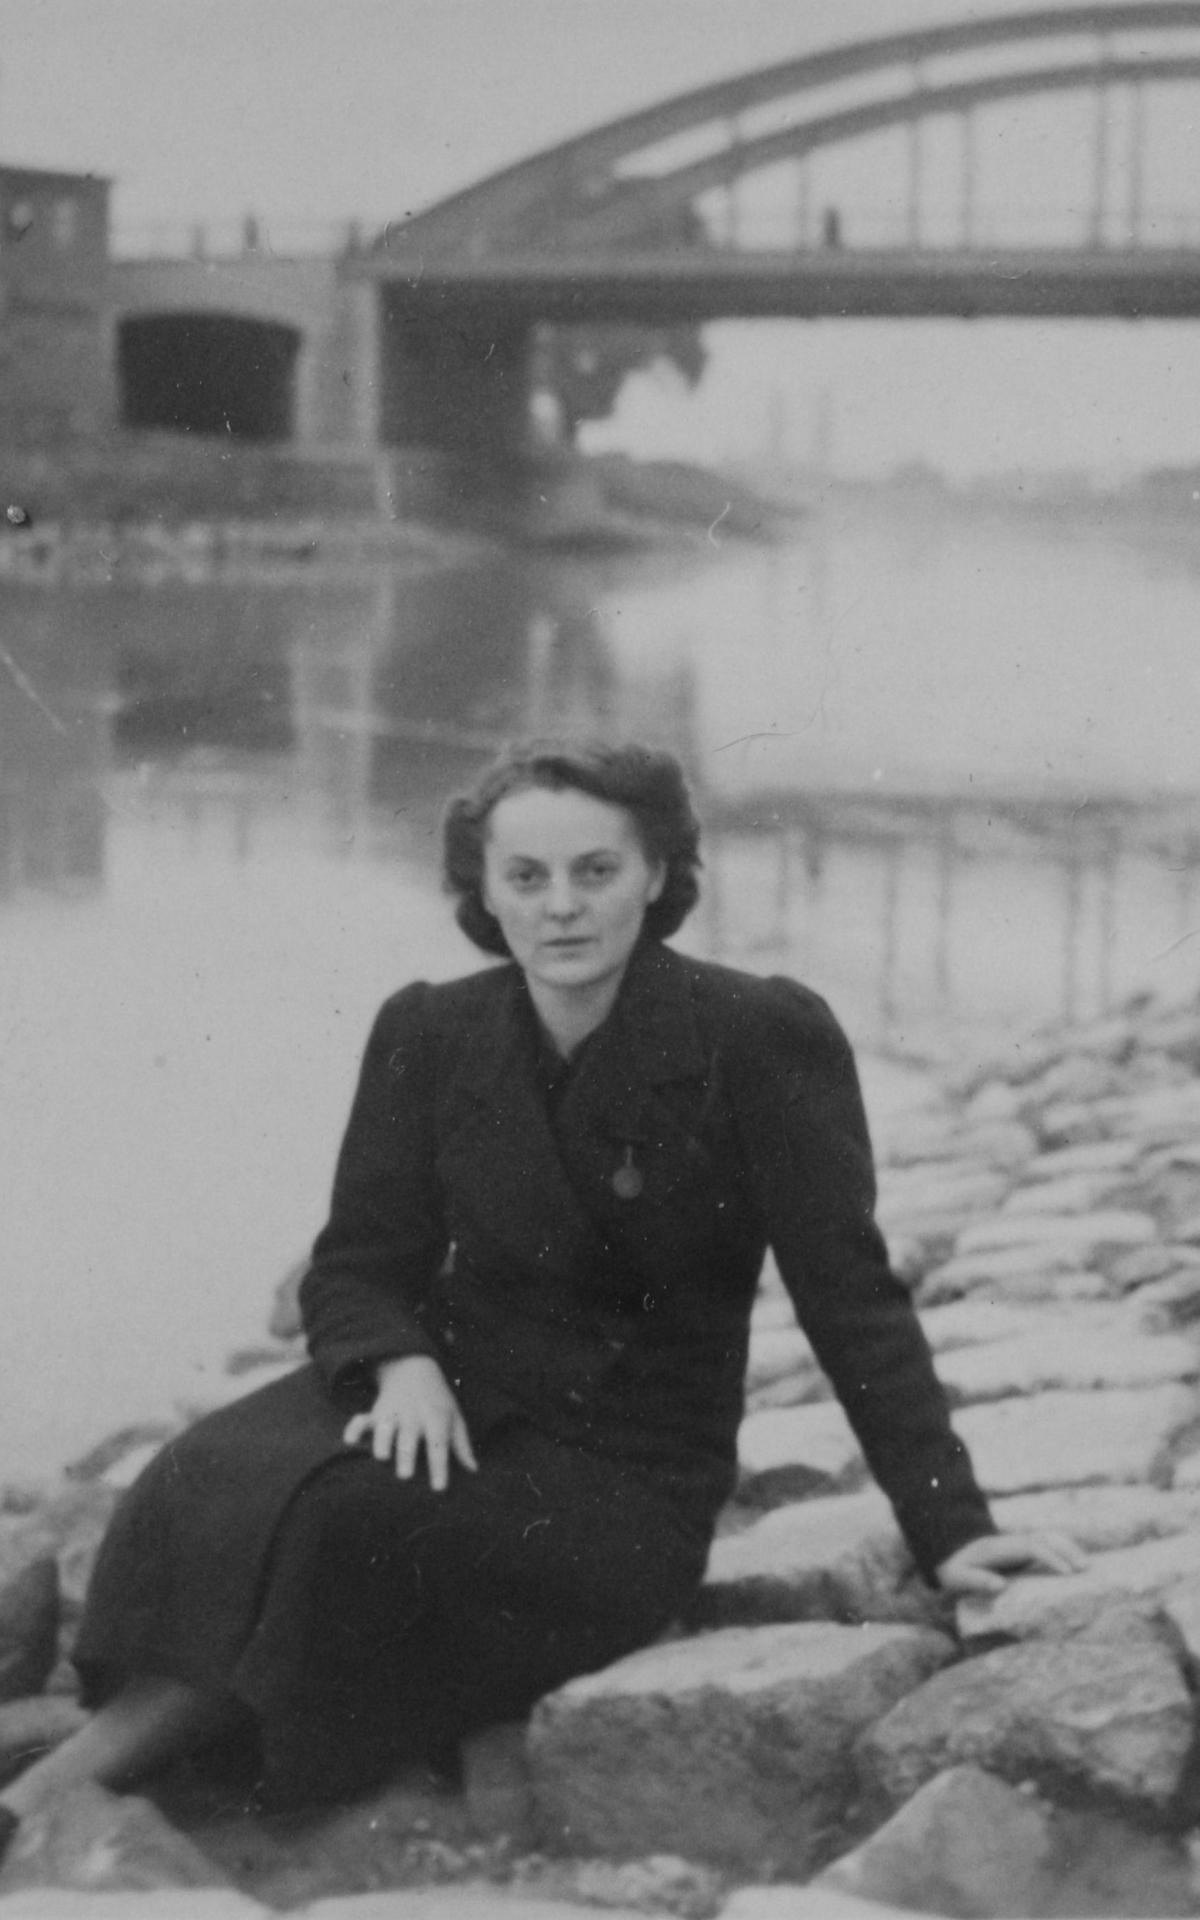 Friederike Mayrl musste wegen ihrer Tuberkuloseerkrankung ihr Kind immer wieder anderen Müttern zur Pflege überlassen. Hier eine Aufnahme aus dem Jahr 1944.